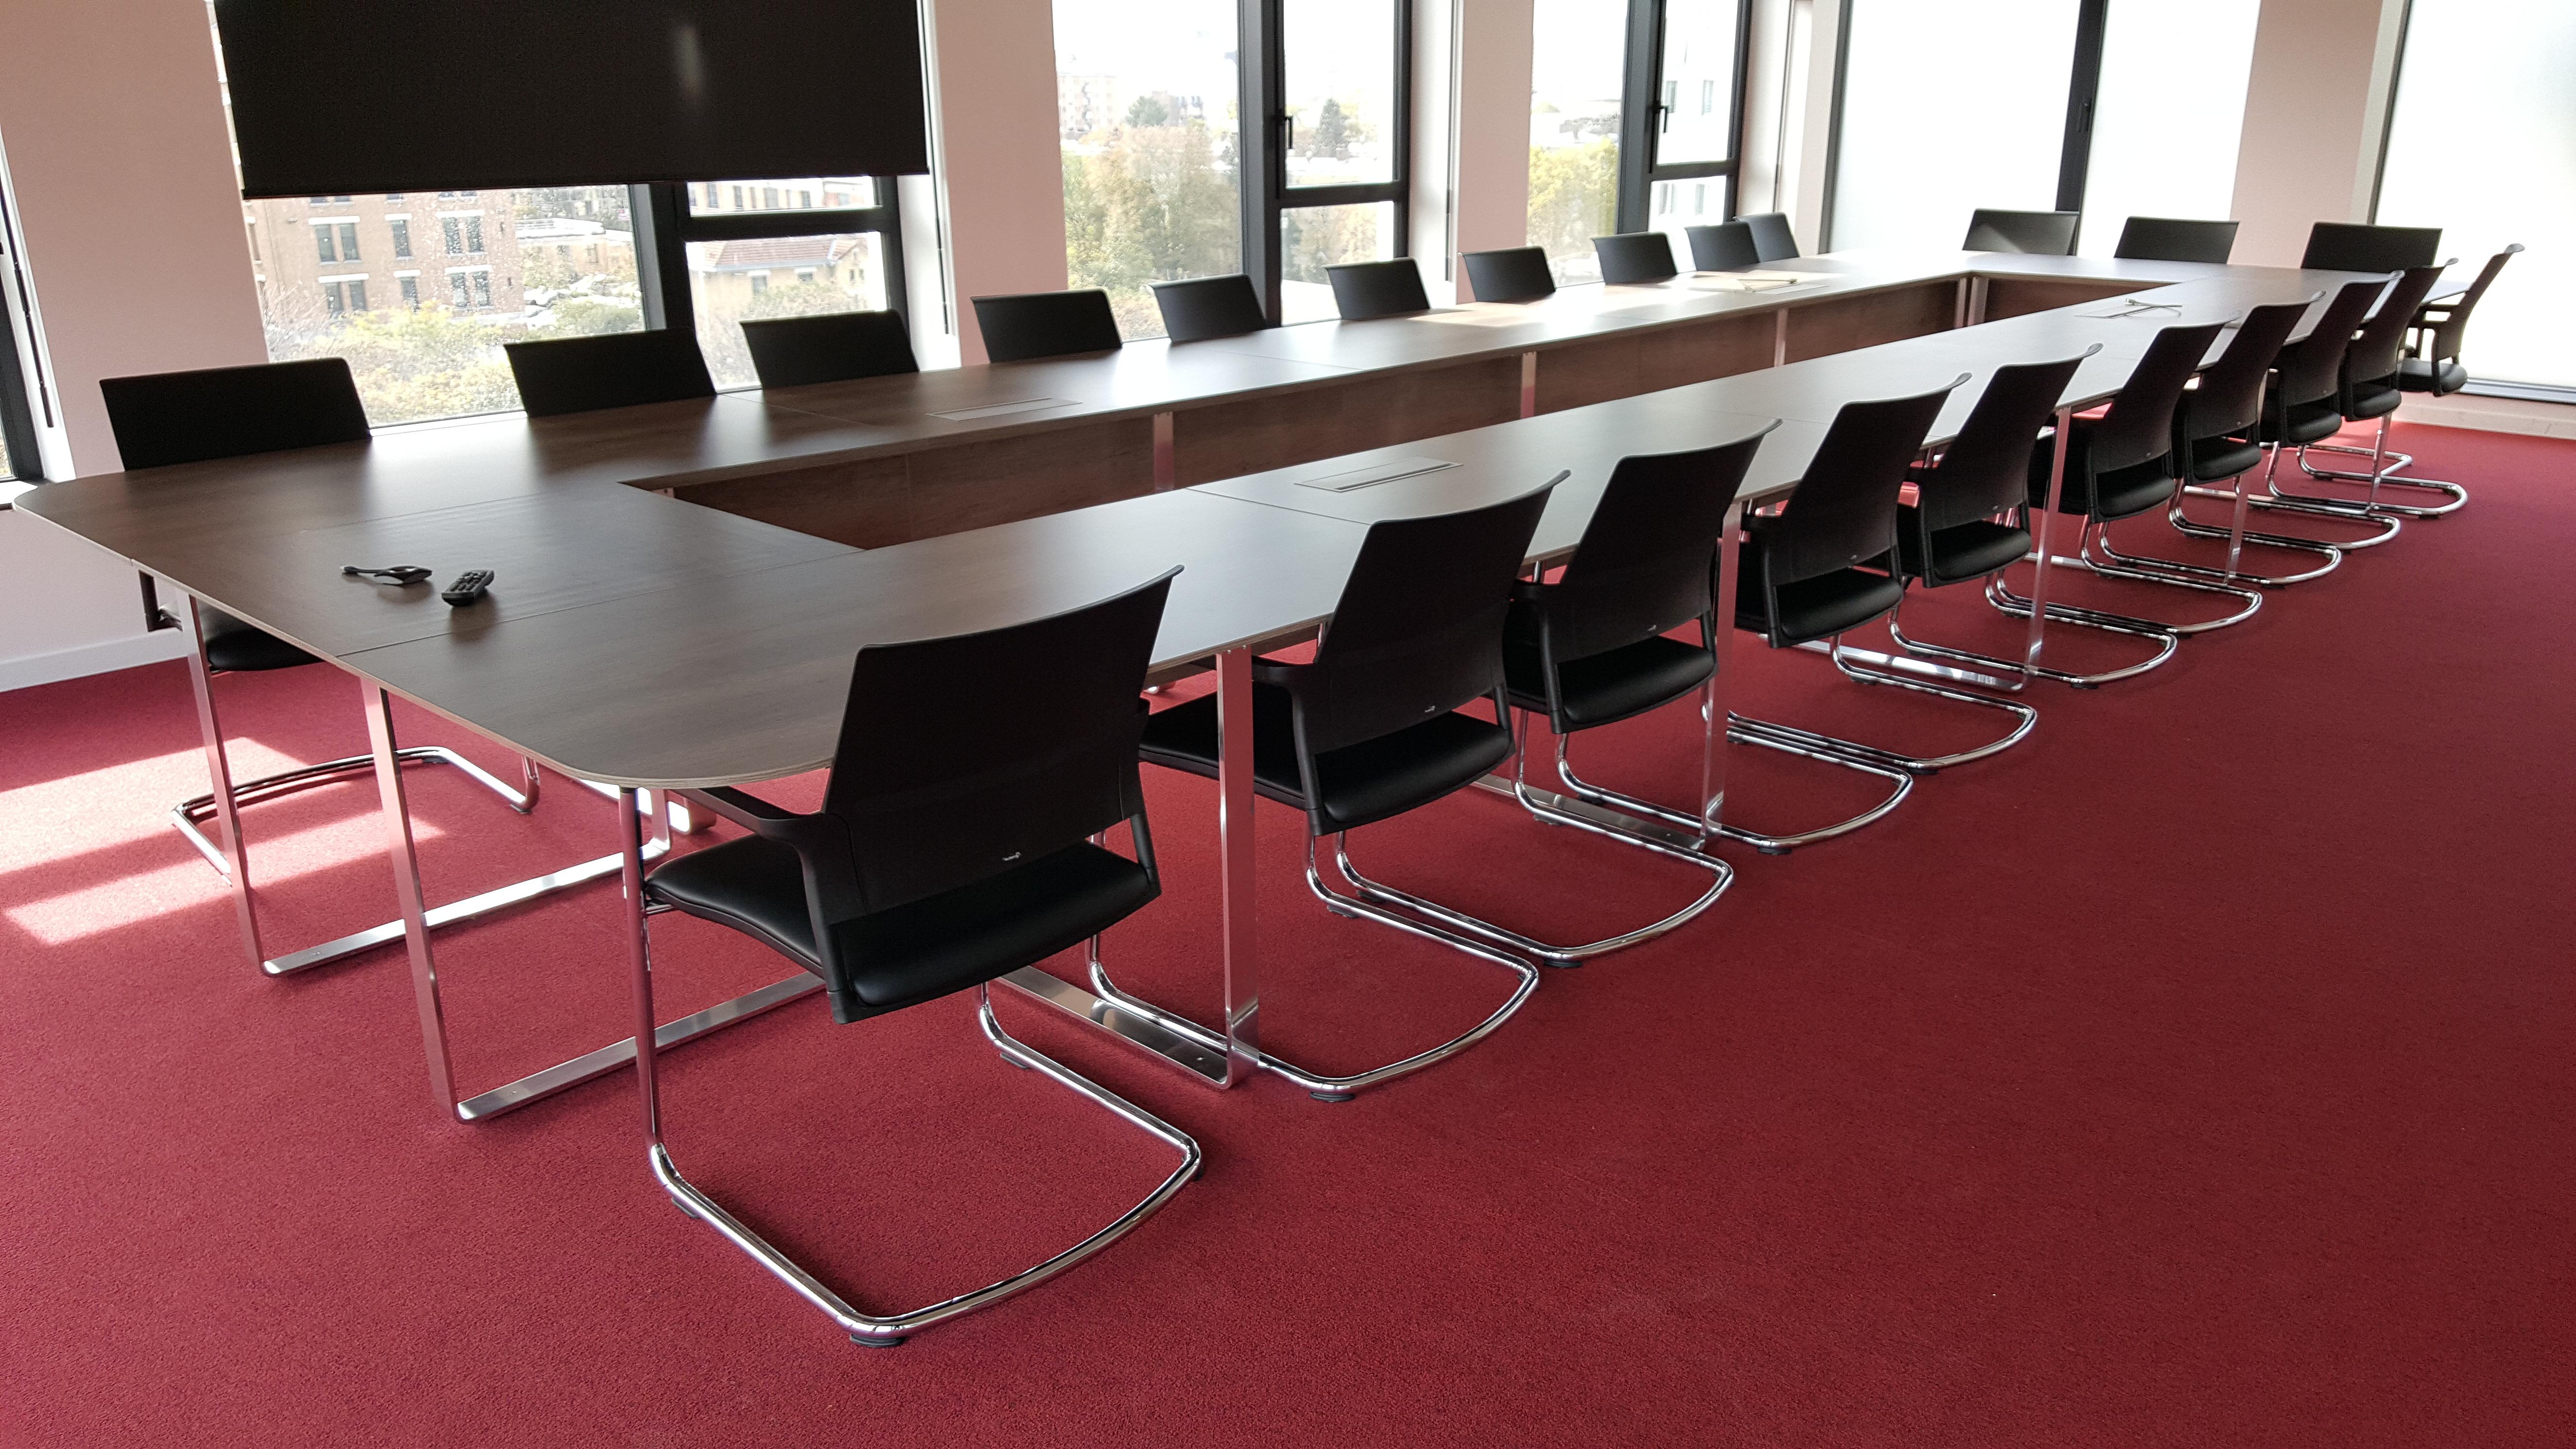 La flexibilité de vos salles de réunion : une priorité en 2019